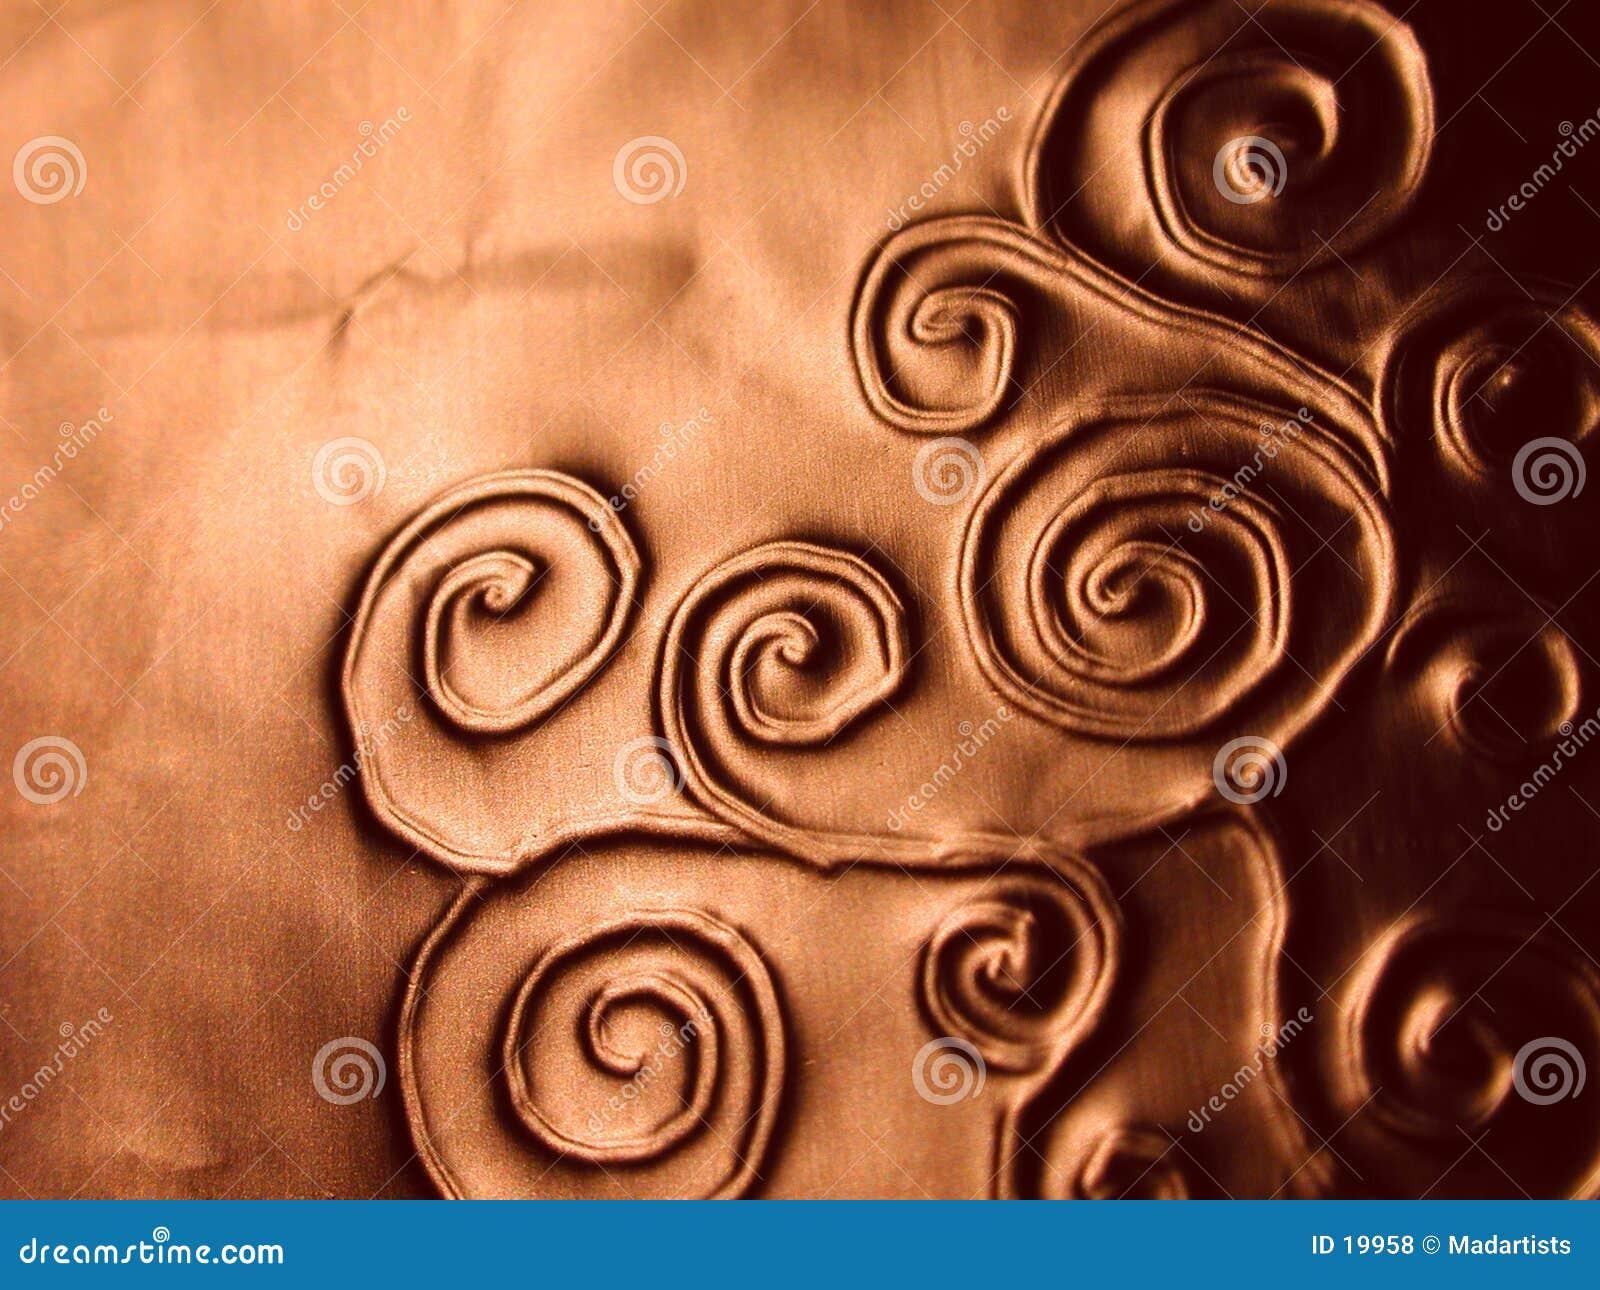 Aufwändige Spirale-Muster-Beschaffenheit